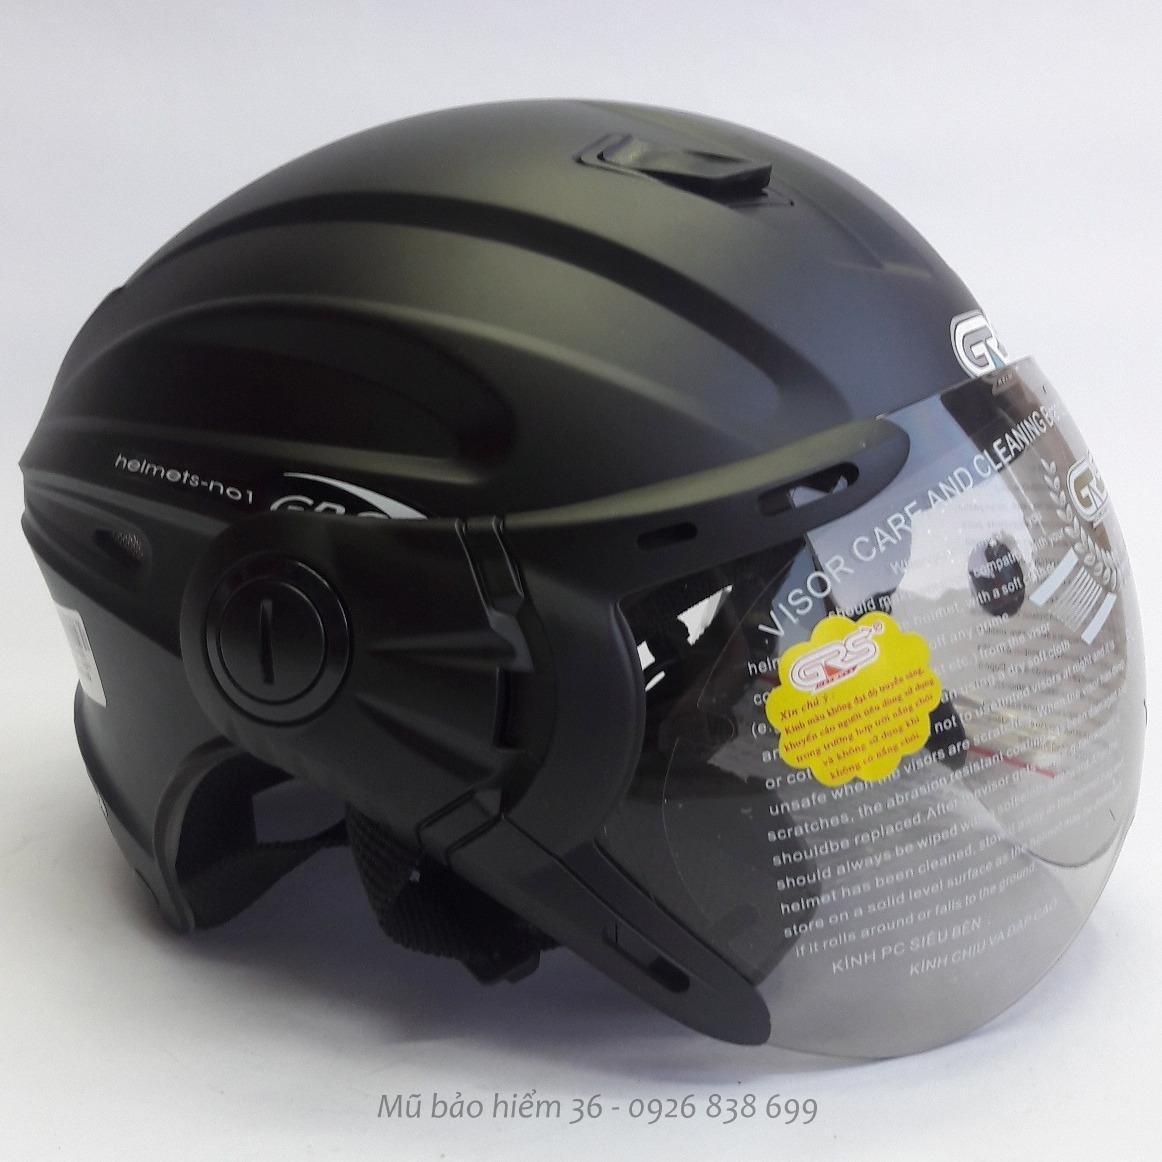 Giá Bán Mũ Bảo Hiểm Nửa Đầu Co Kinh Grs A737K Mau Đen Nham Trực Tuyến